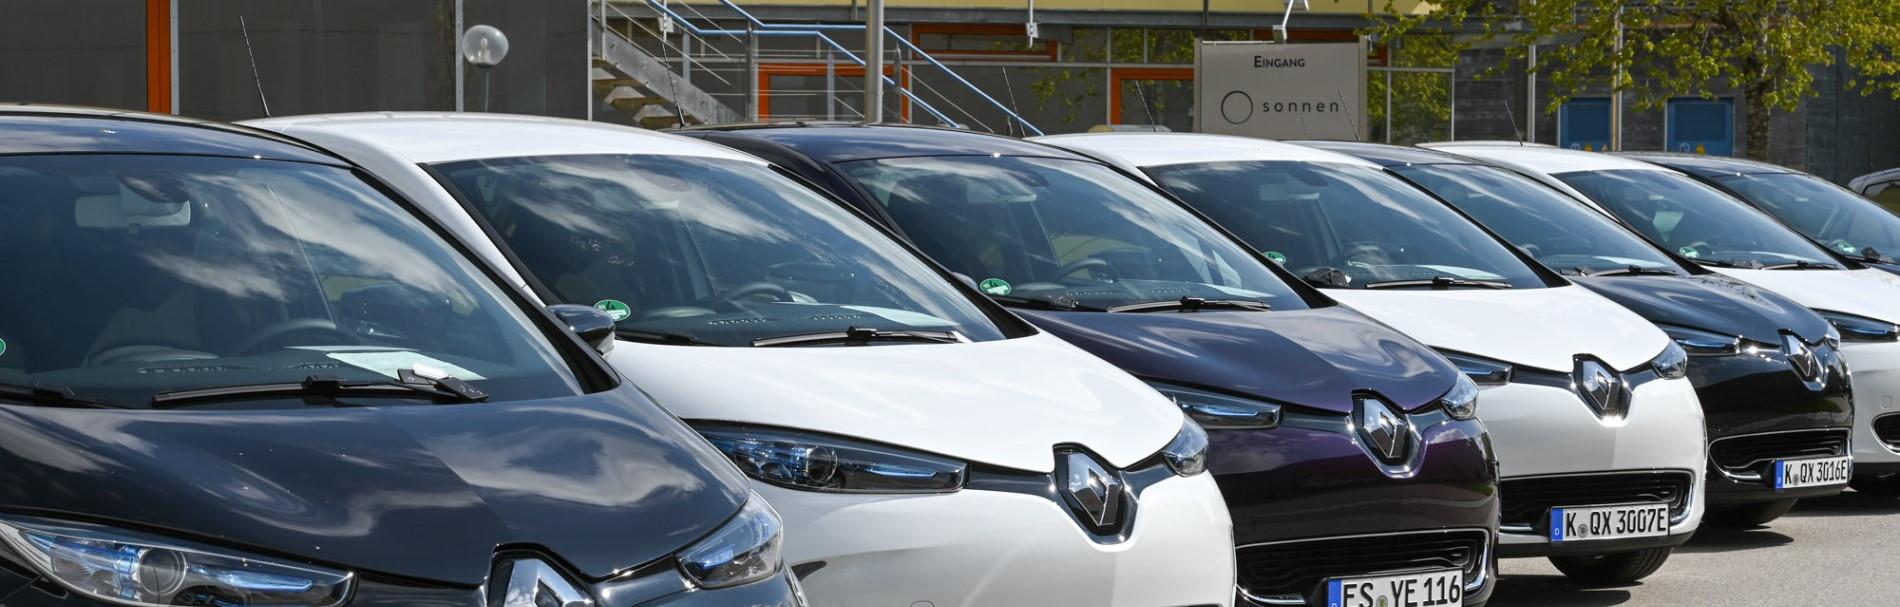 Elektroautos vor der Firmenzentrale von sonnen